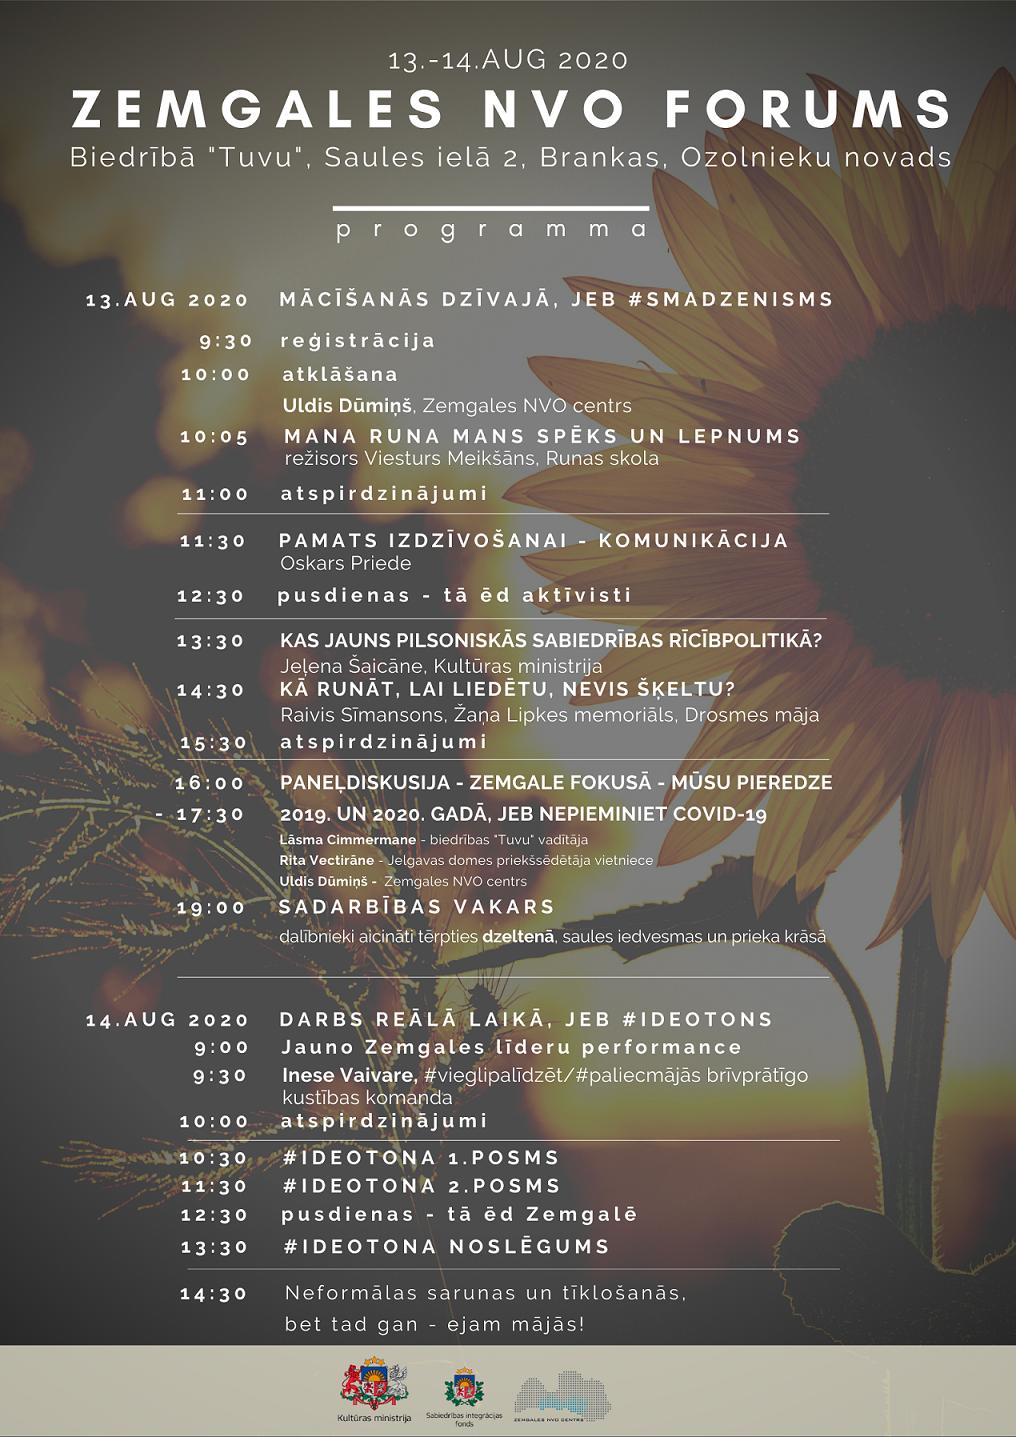 Zemgales_NVO _Forums_2020_programma (1)